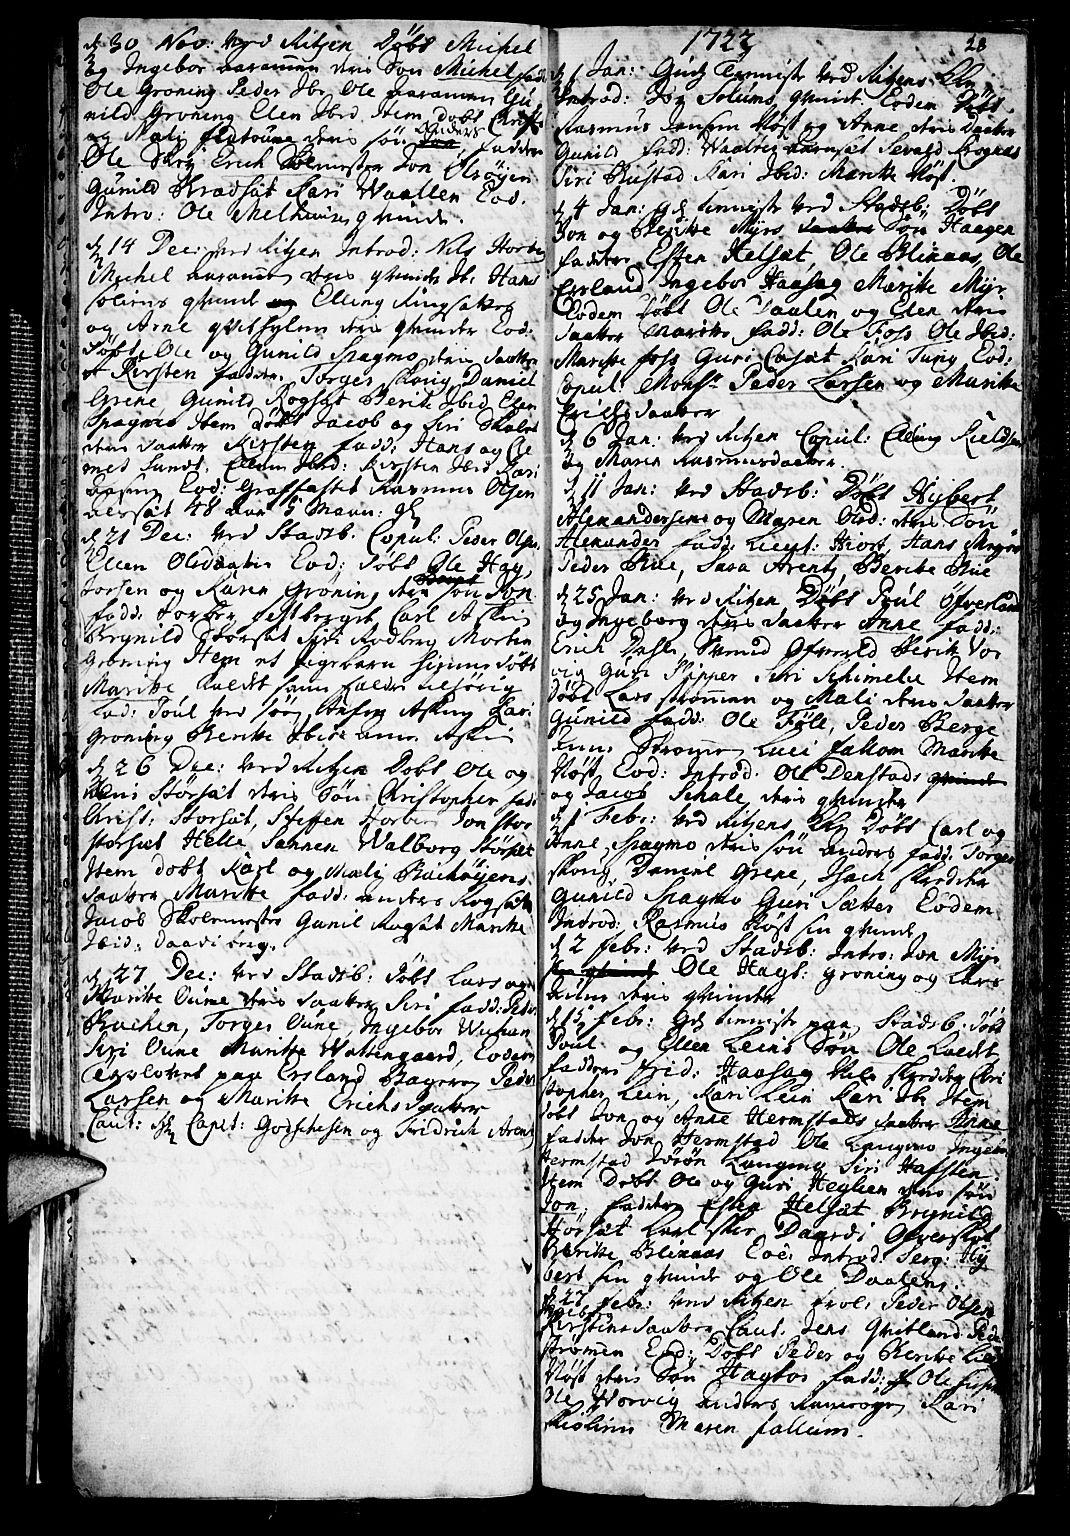 SAT, Ministerialprotokoller, klokkerbøker og fødselsregistre - Sør-Trøndelag, 646/L0603: Ministerialbok nr. 646A01, 1700-1734, s. 28